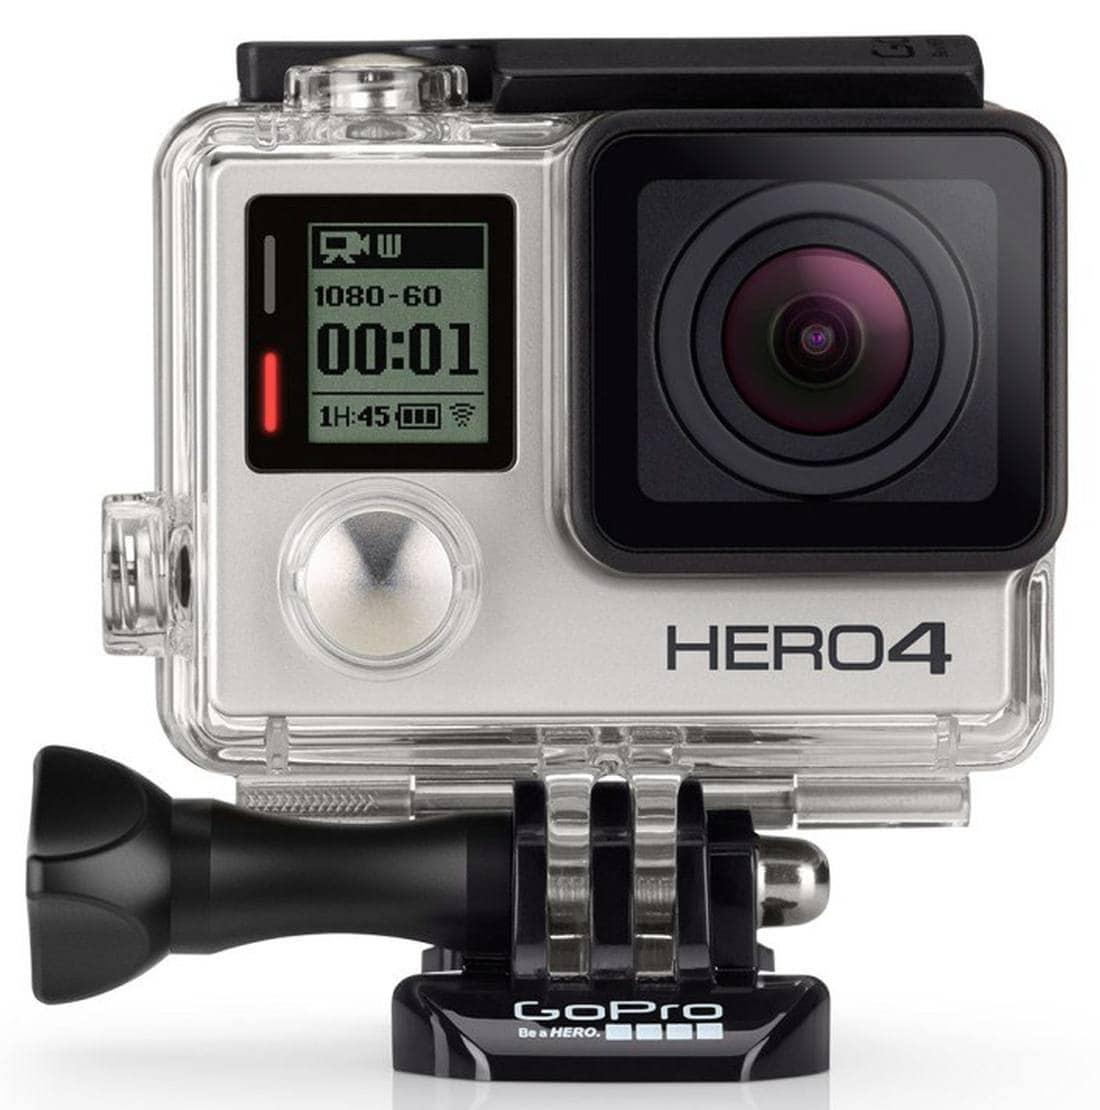 GoPro HERO4 Silver Adventure Action Kamera 12MP WLAN Bluetooth für 379,00 Euro